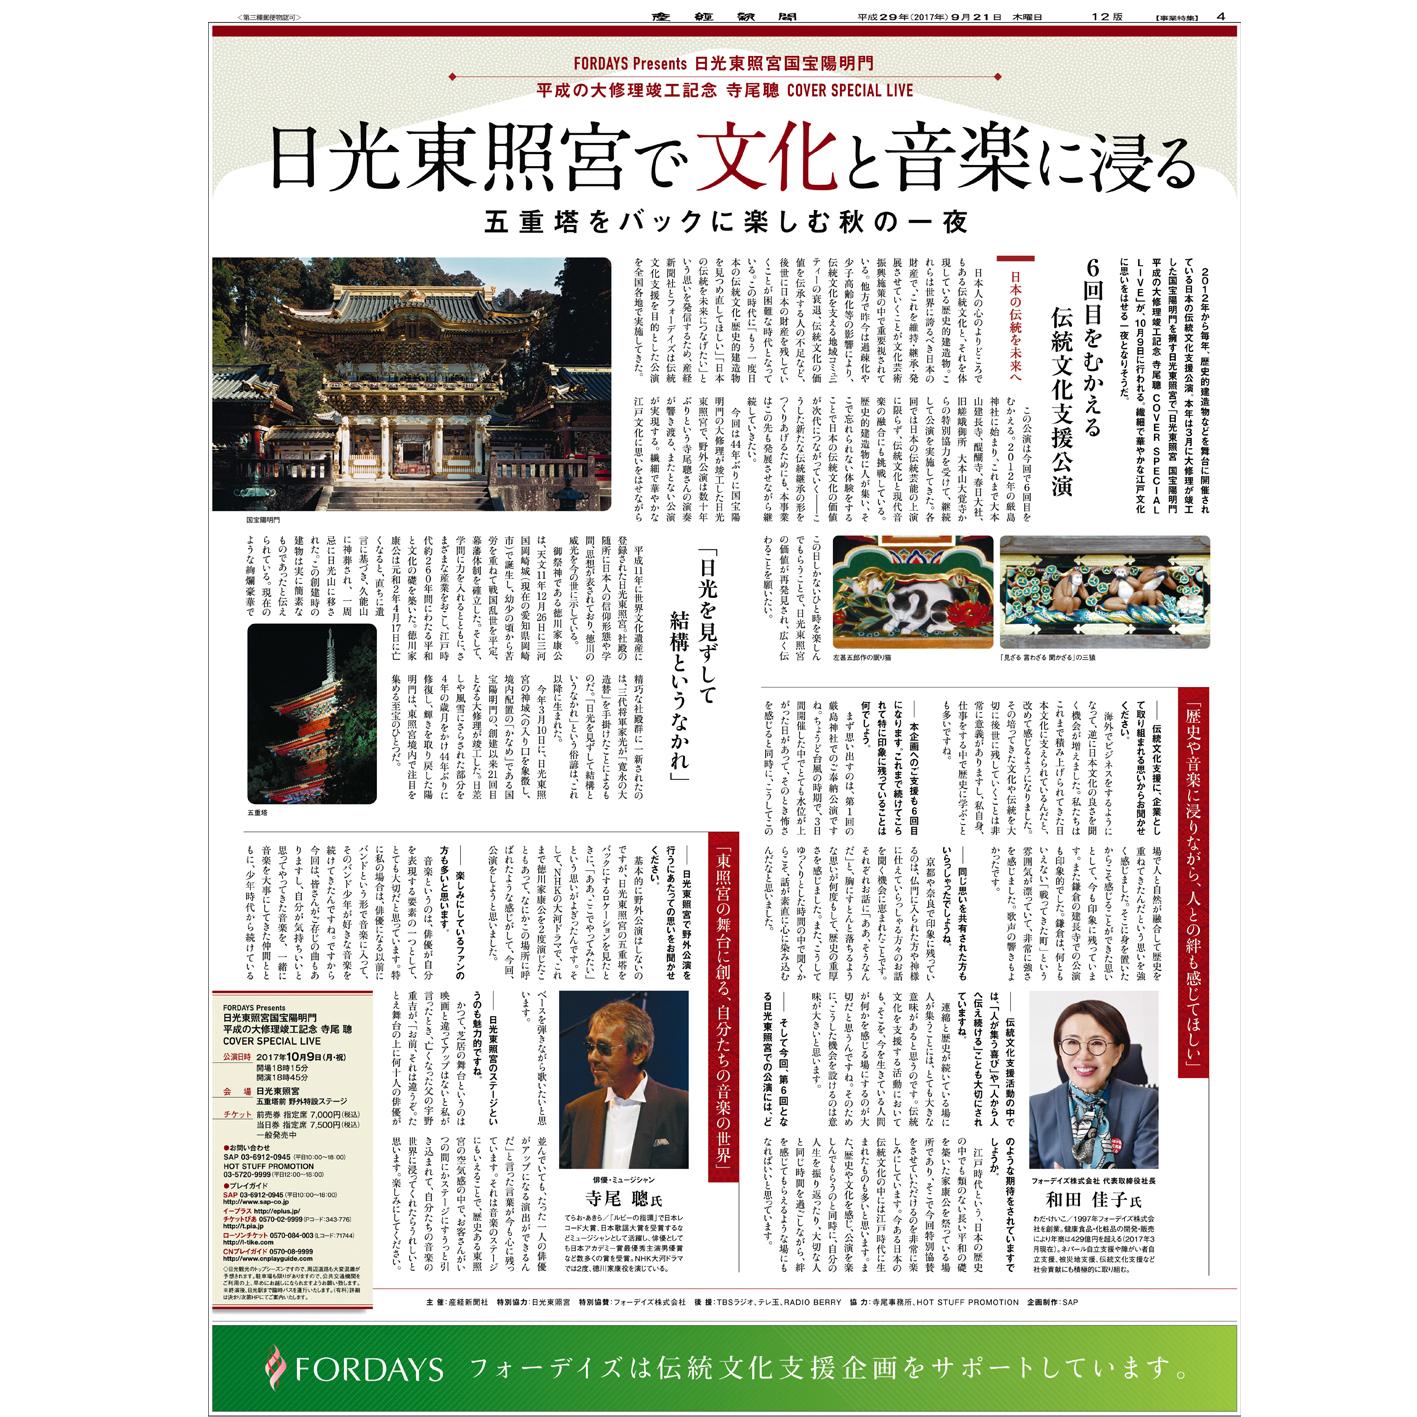 2017/9/21 産経新聞(全国版)